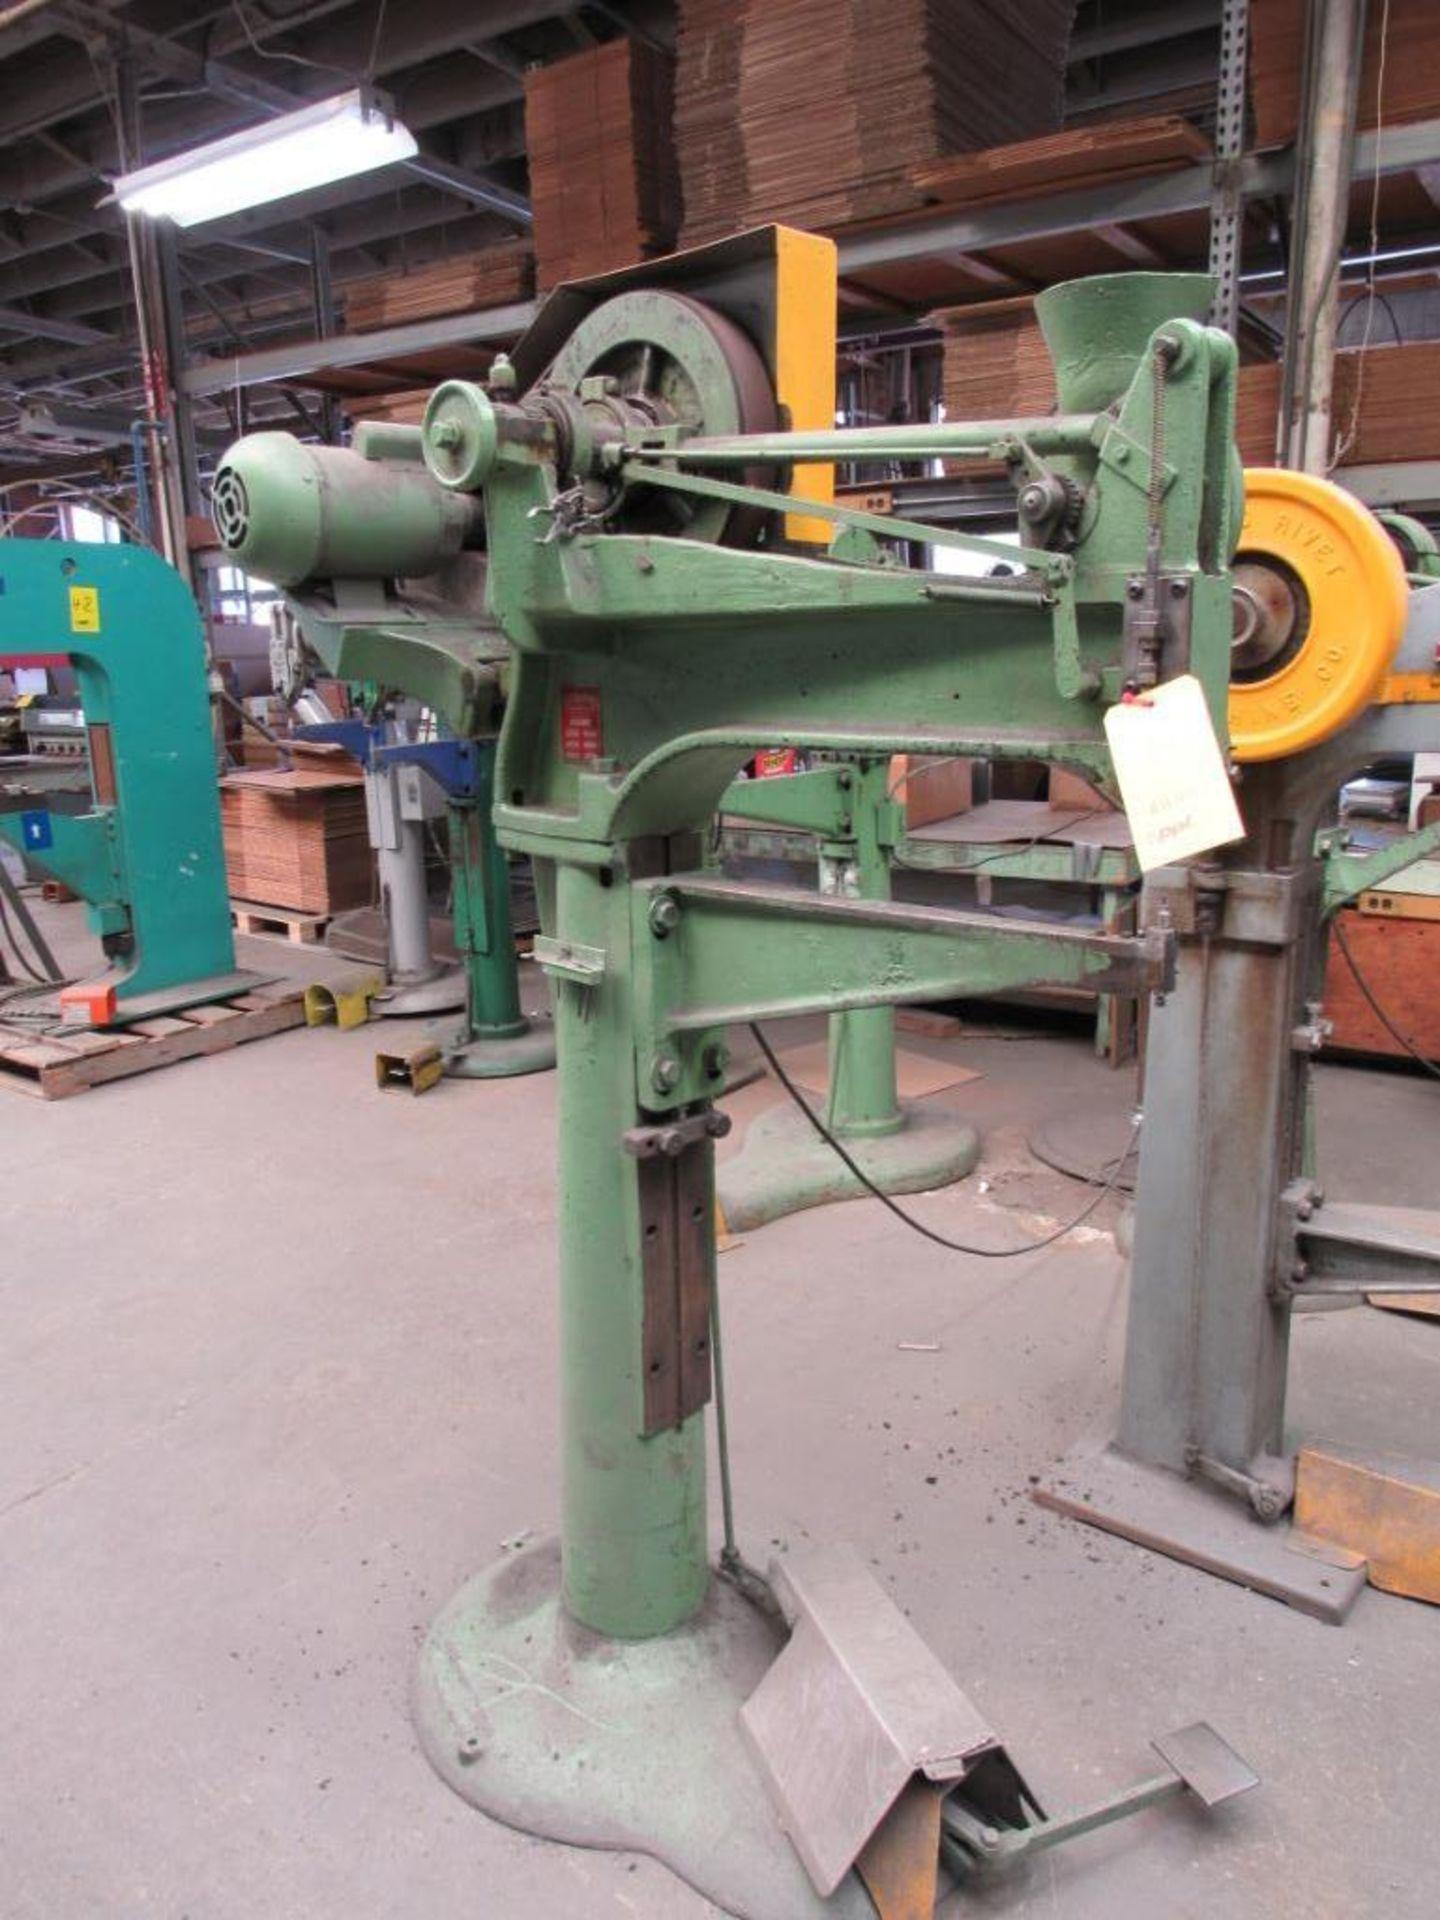 Lot 44 - Chicago Rivet & Machine Hopper Feed Riveter Model 14-478